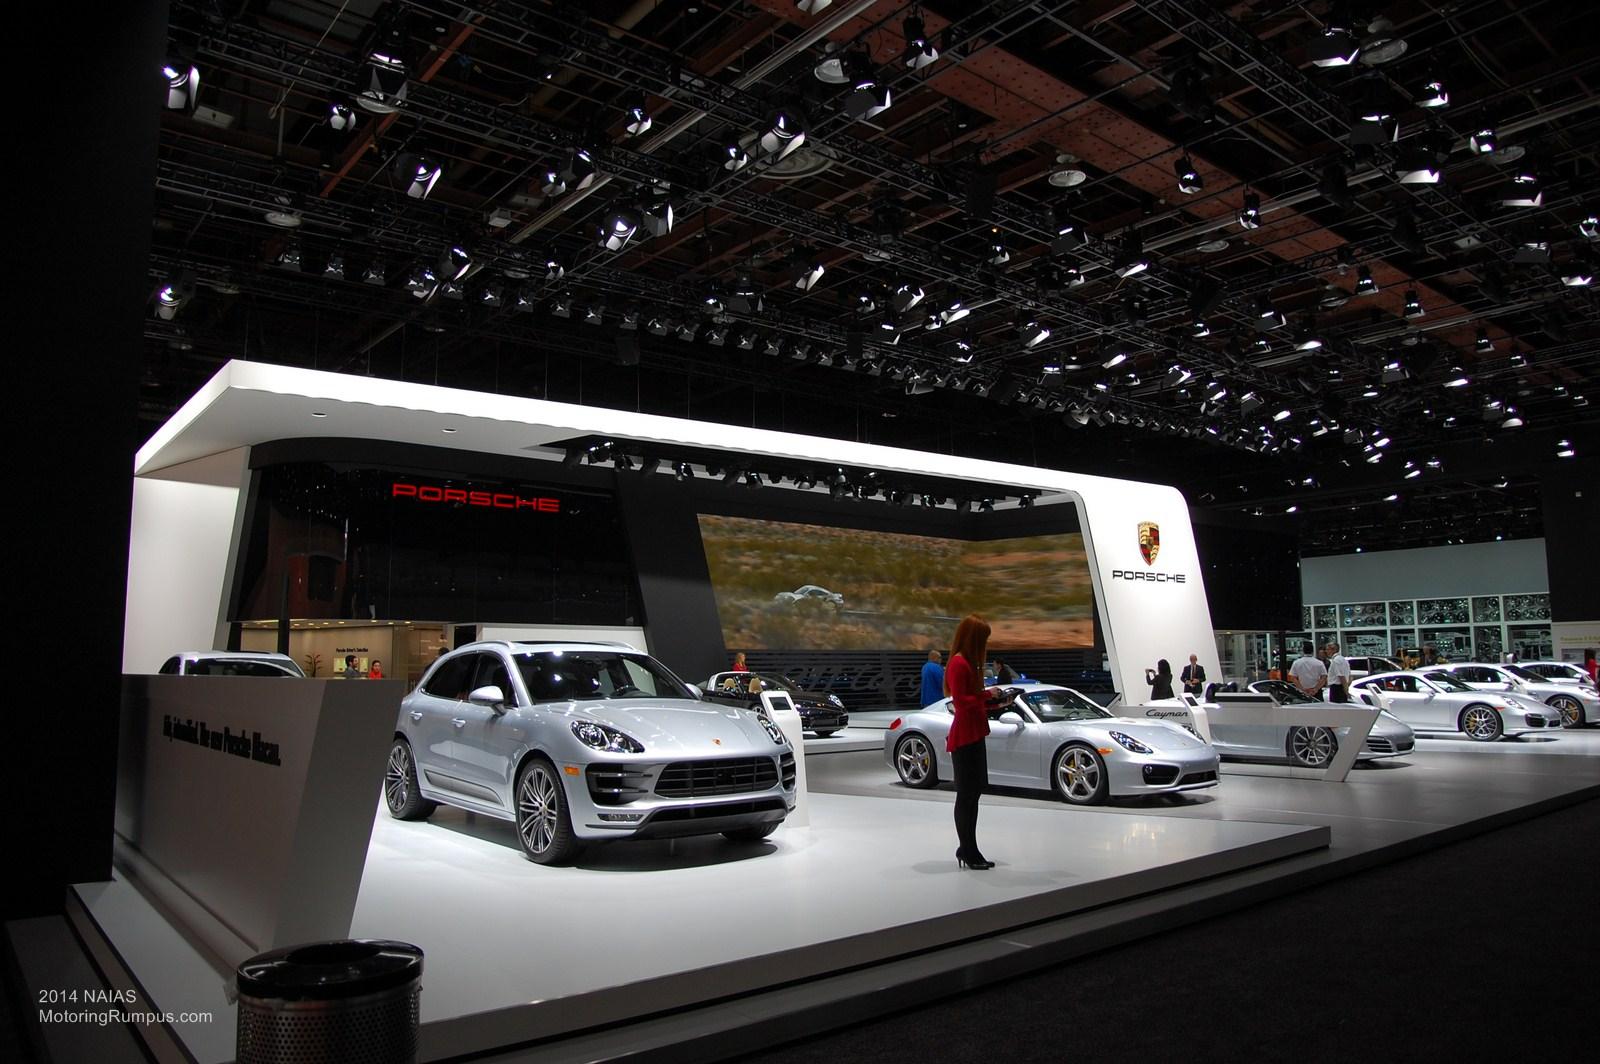 2014 NAIAS Porsche